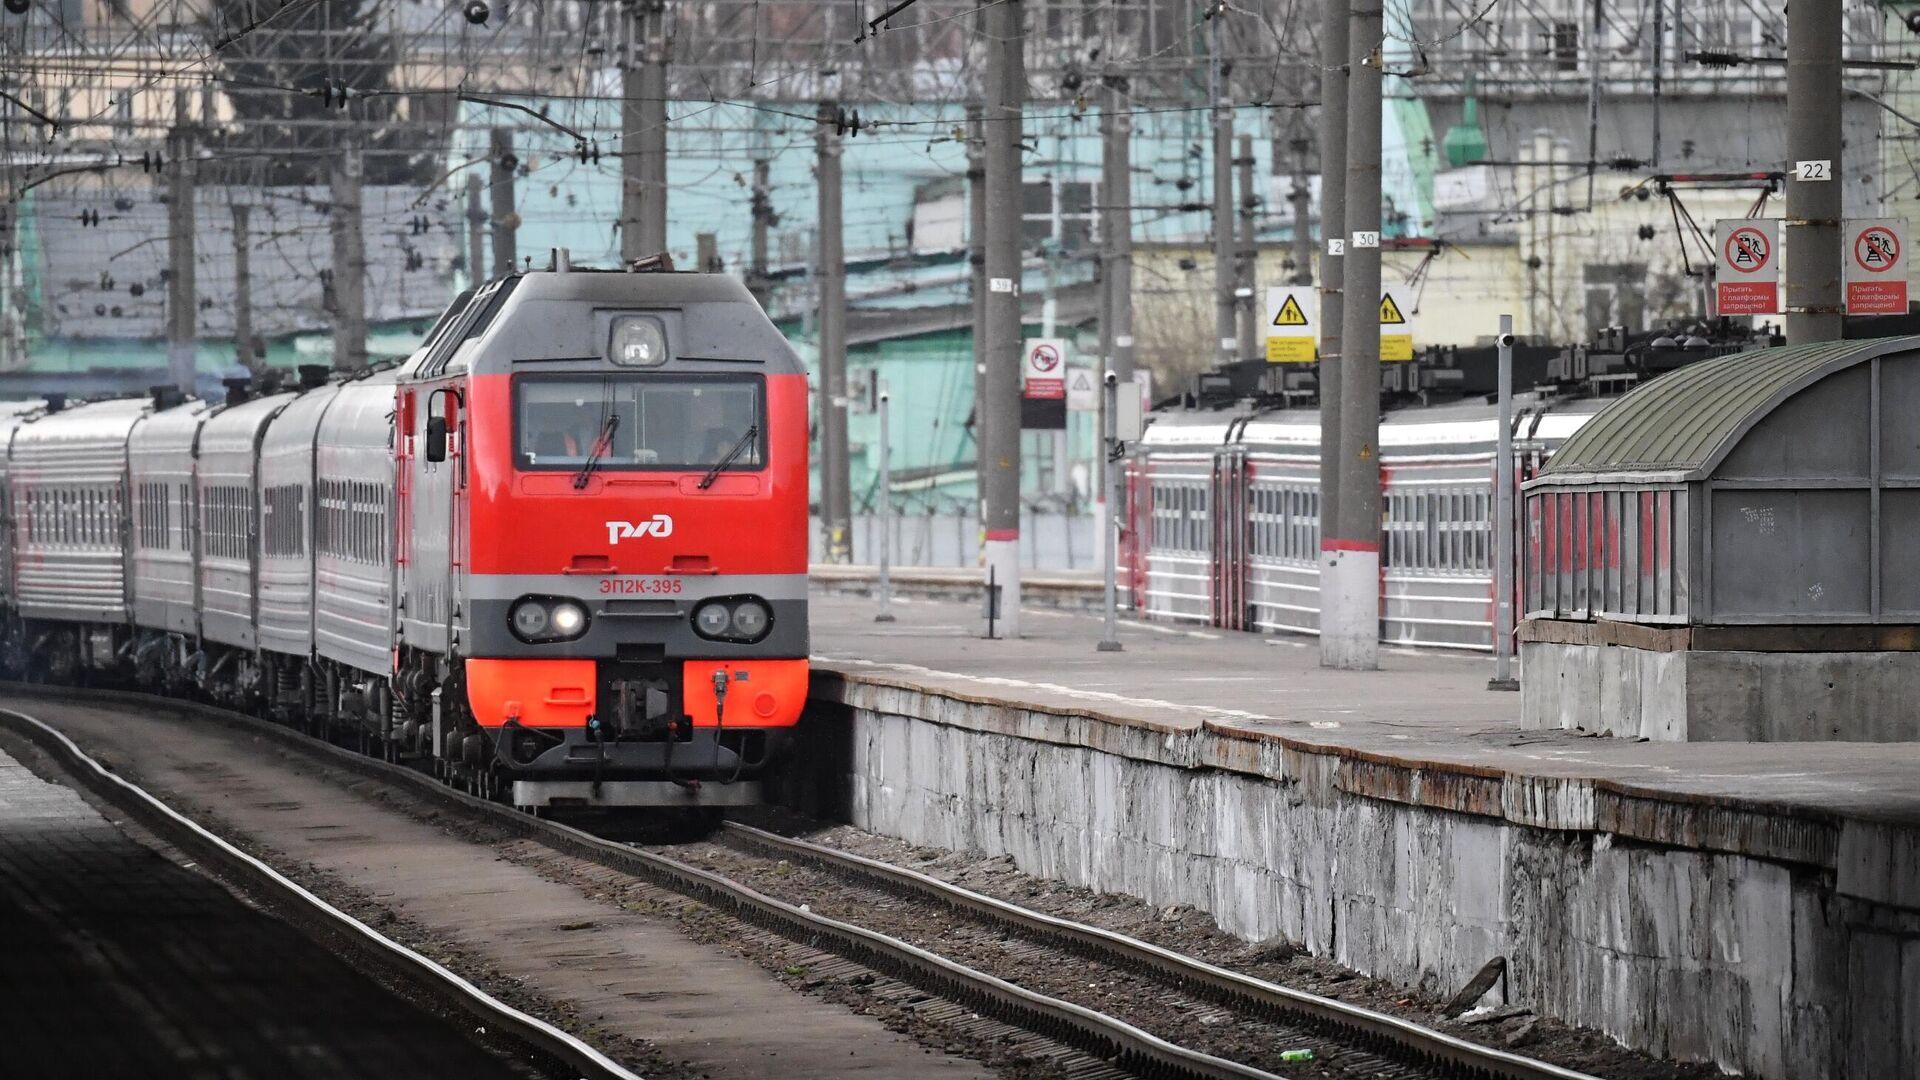 Пассажирский поезд - РИА Новости, 1920, 20.04.2021